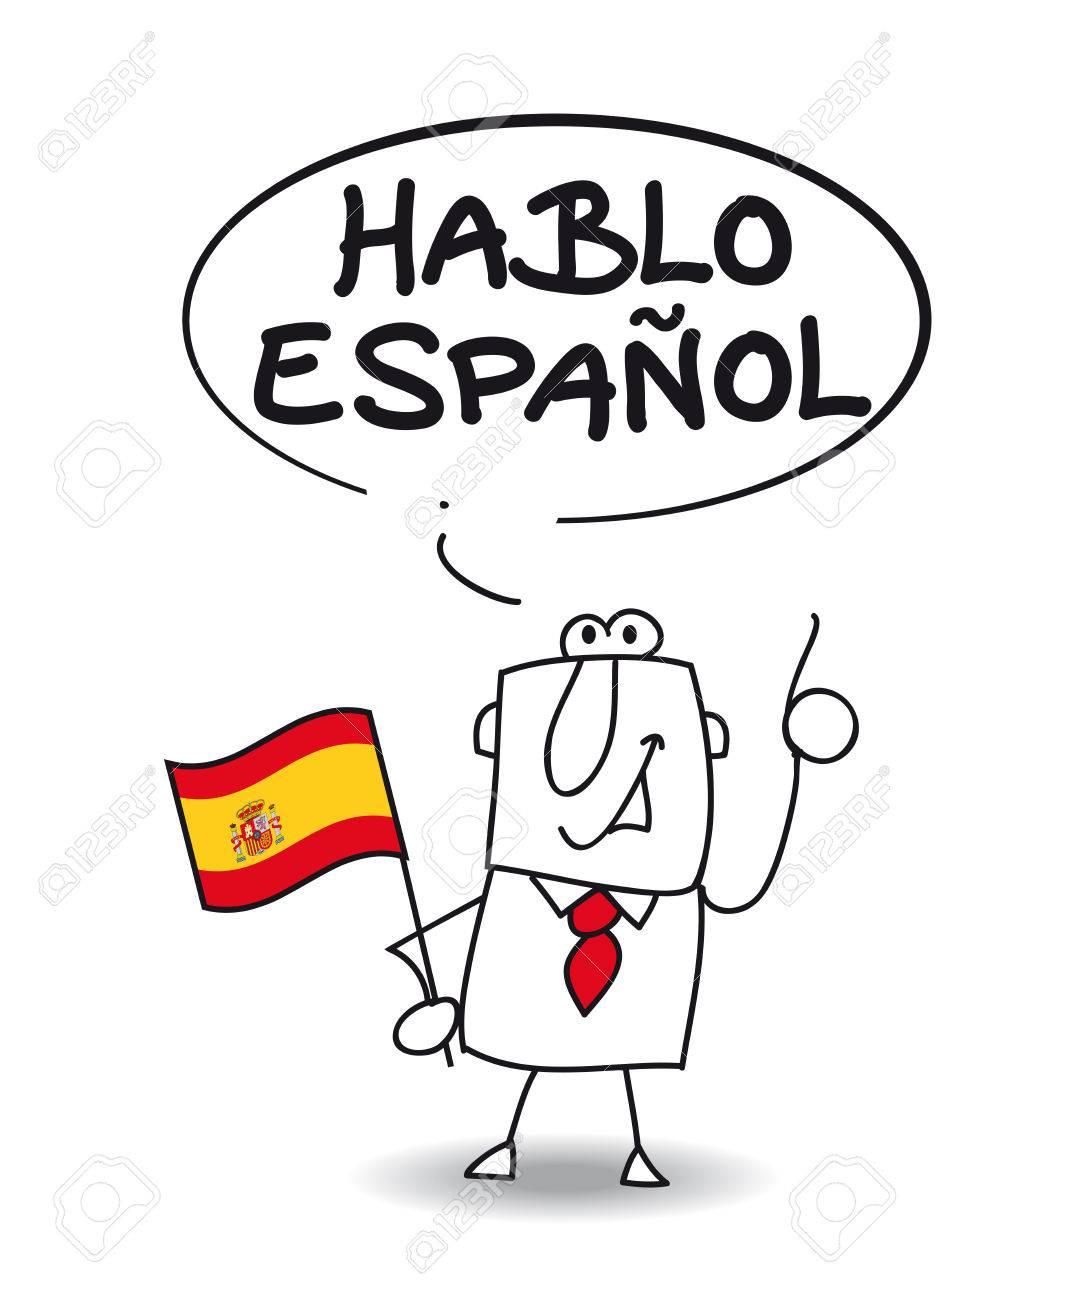 Resultado de imagen de habla español